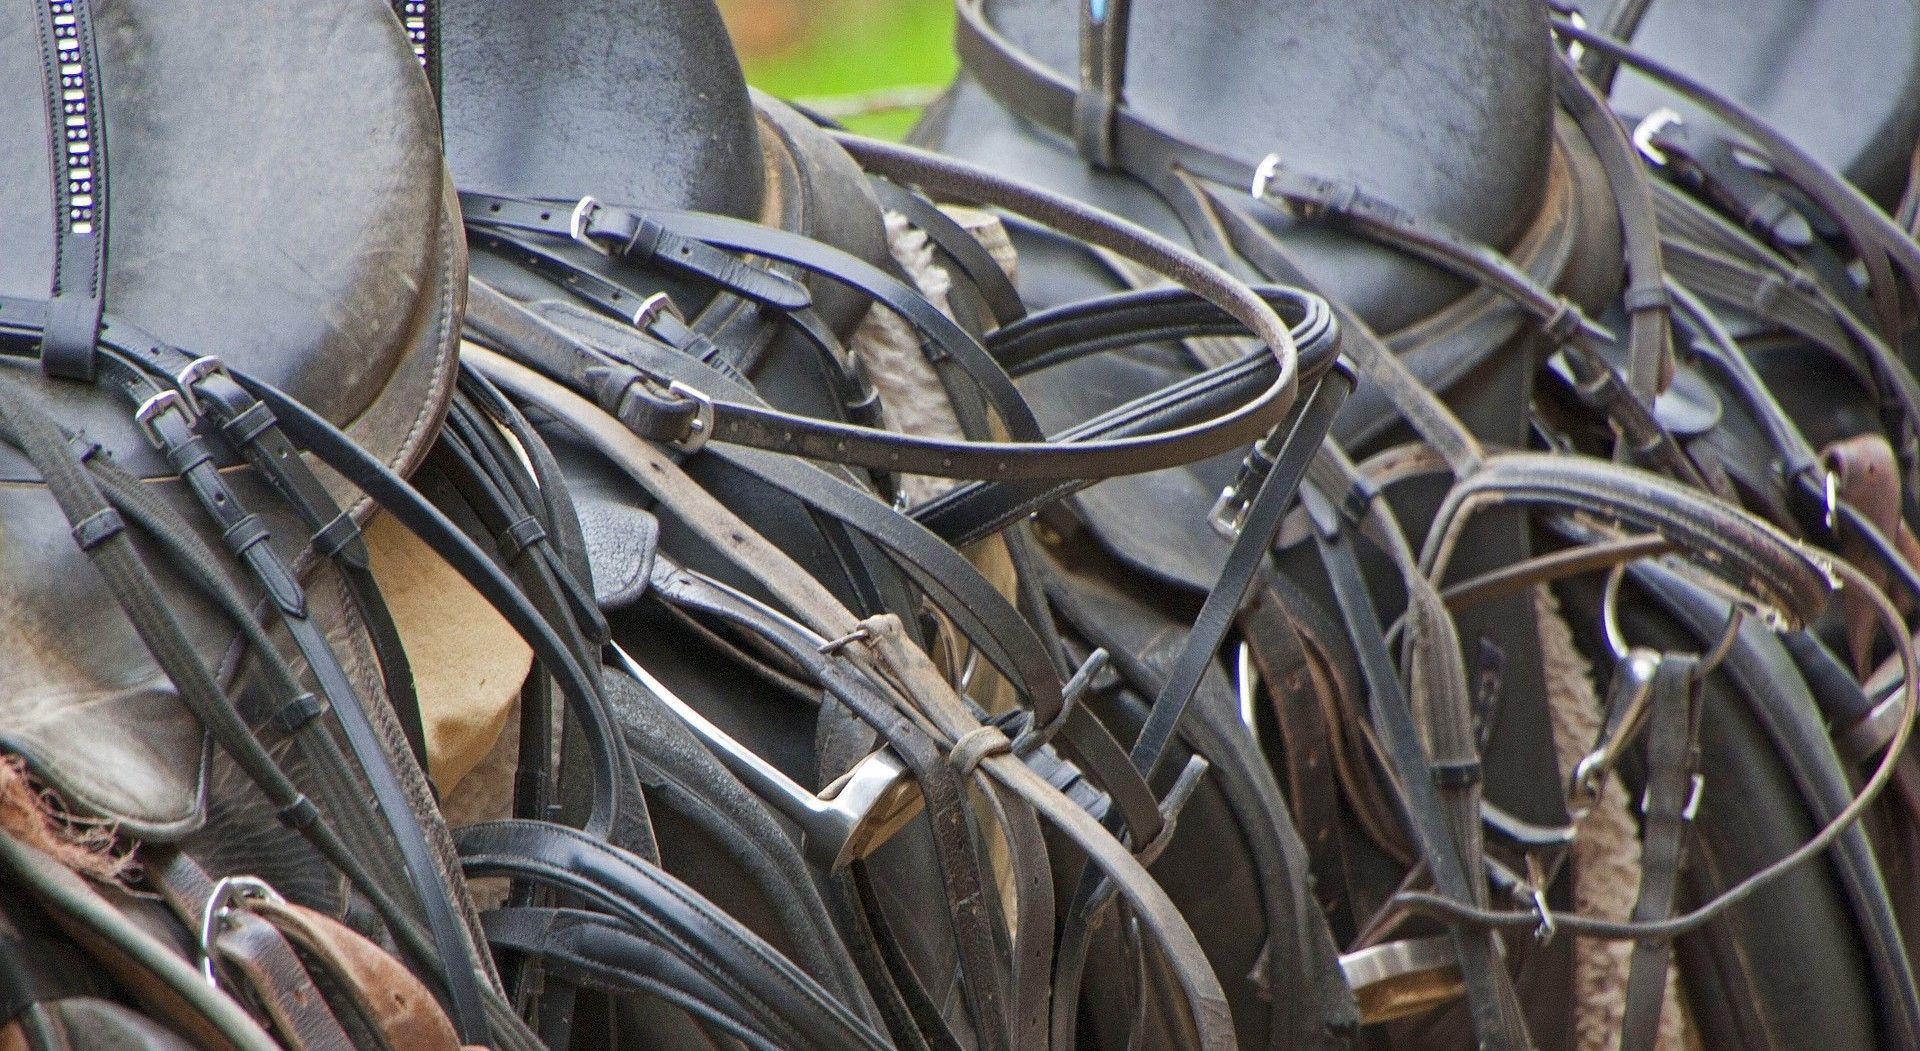 saddle-1006459_1920